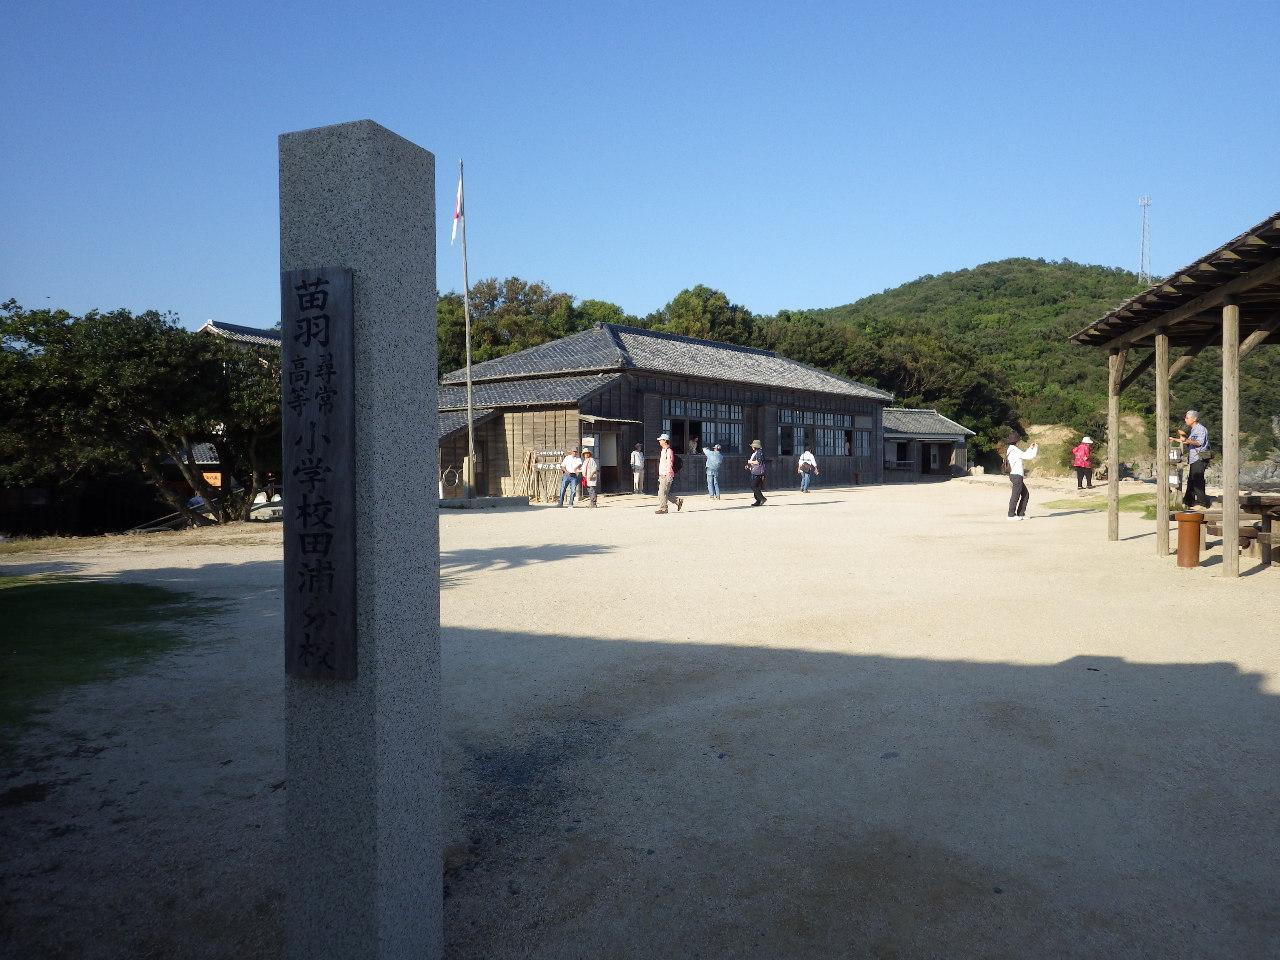 http://www.shonan-ls.co.jp/blog/landscape/img/RIMG0280.JPG